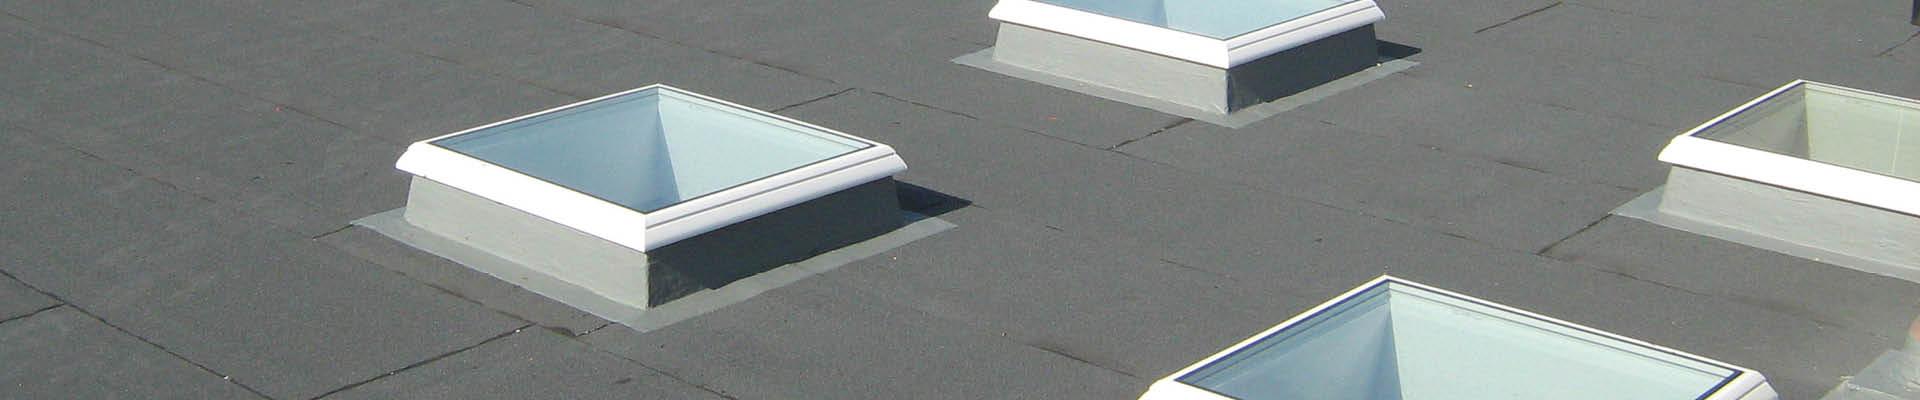 brandveilig werken op daken